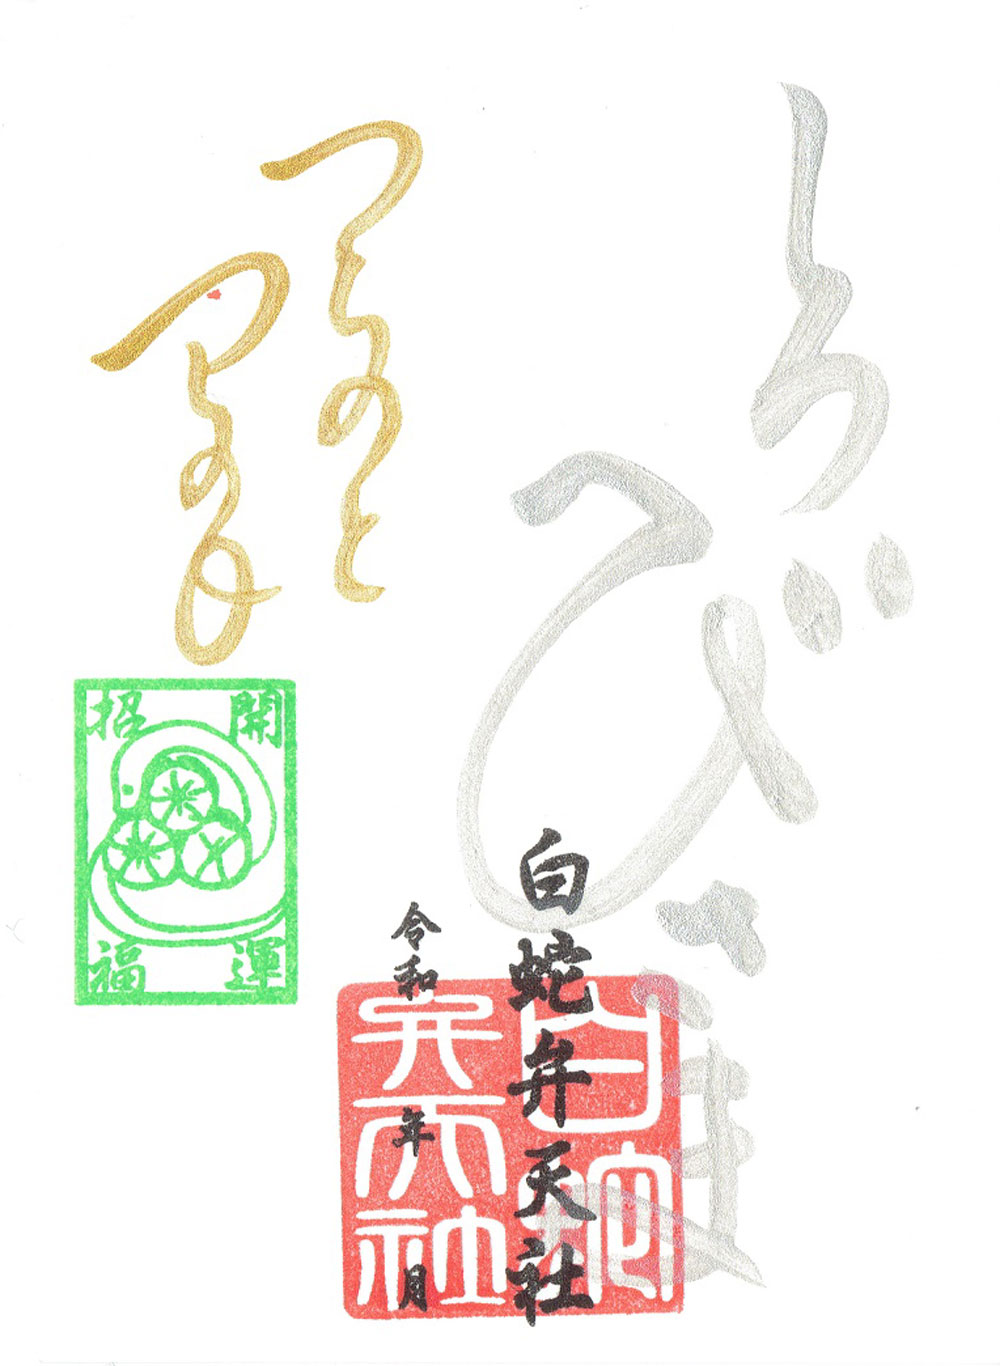 9月23日(水)己巳の日御朱印について(郵送対応は終了させていただいております)